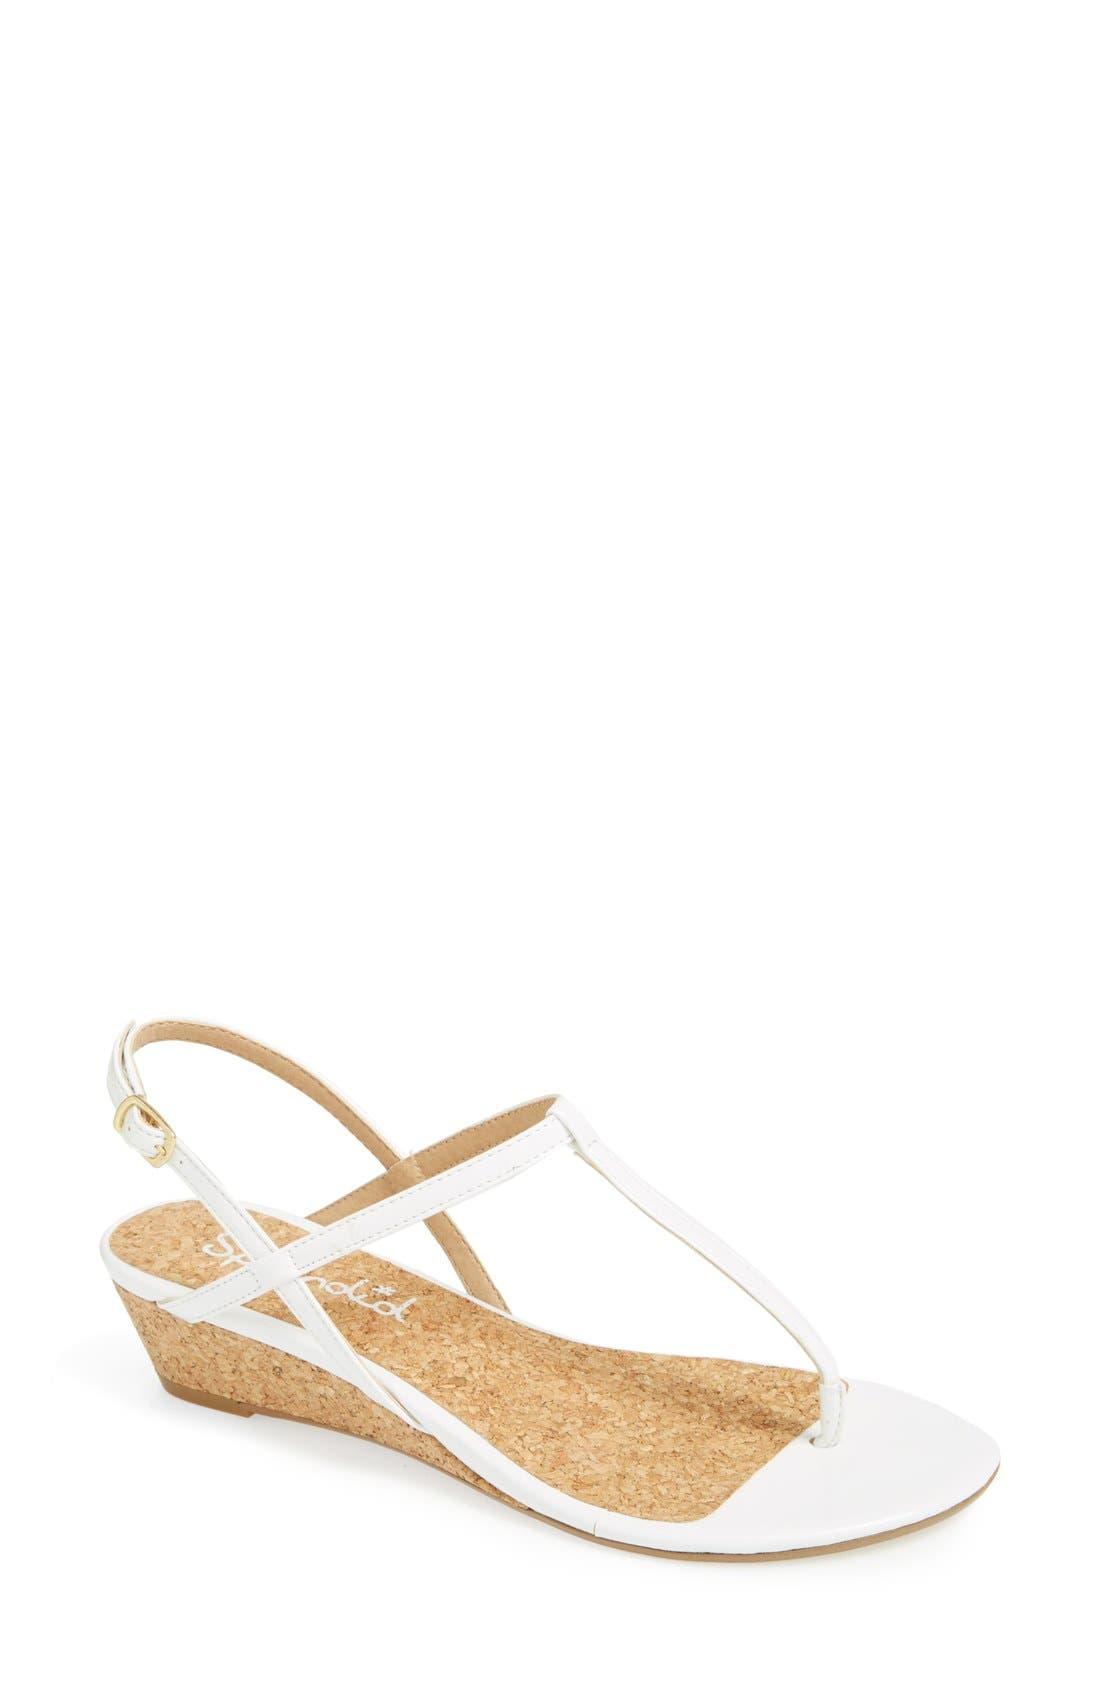 Main Image - Splendid 'Edgewood' Sandal